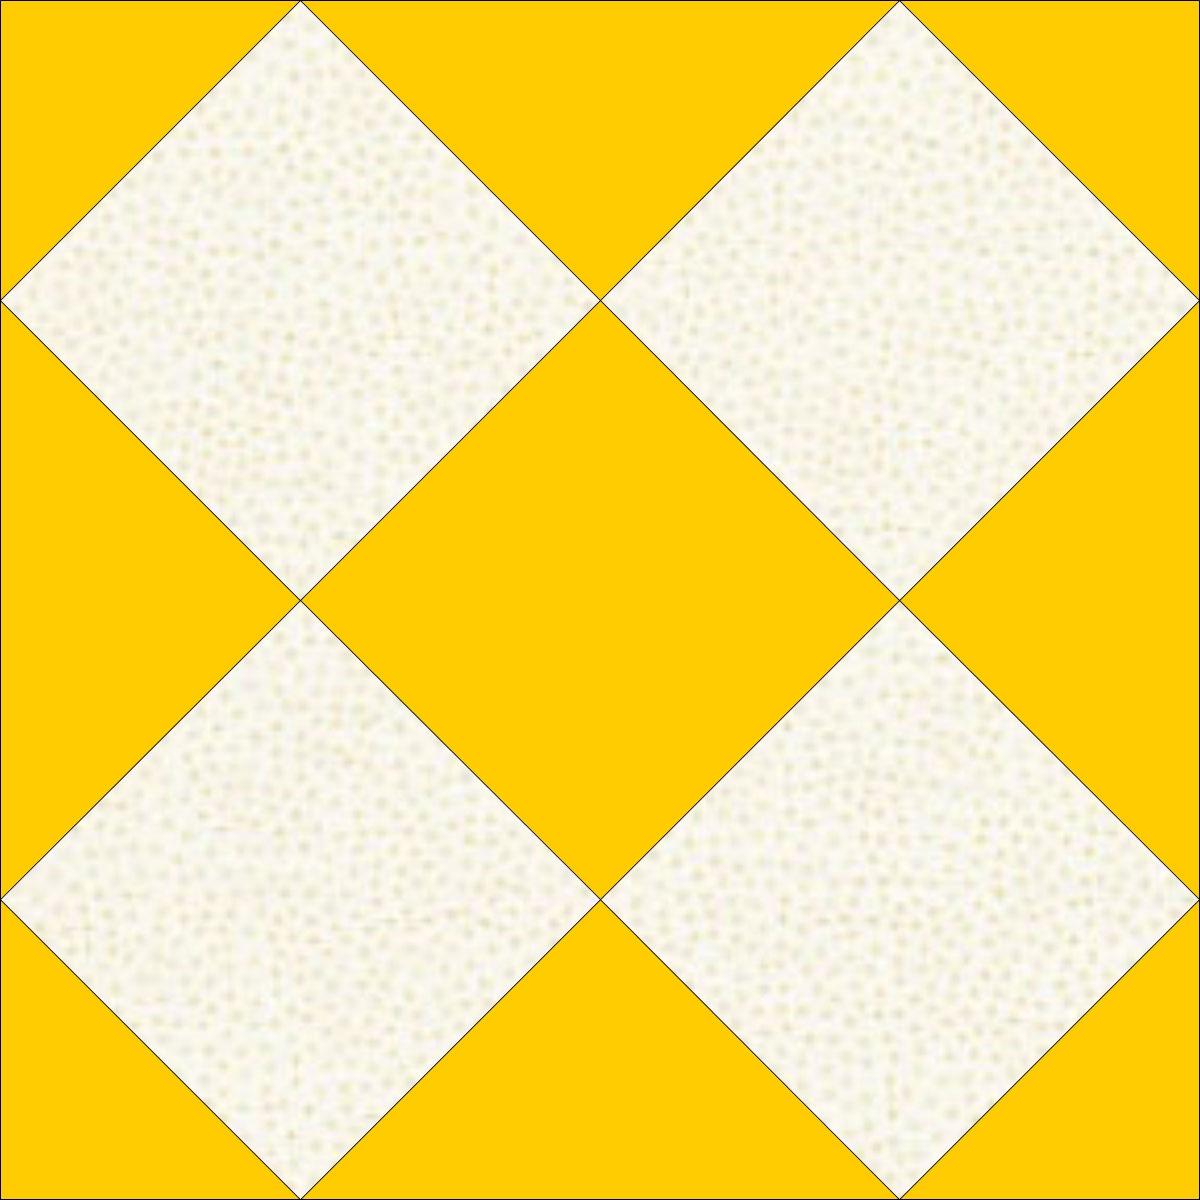 Mosaic #3 quilt block